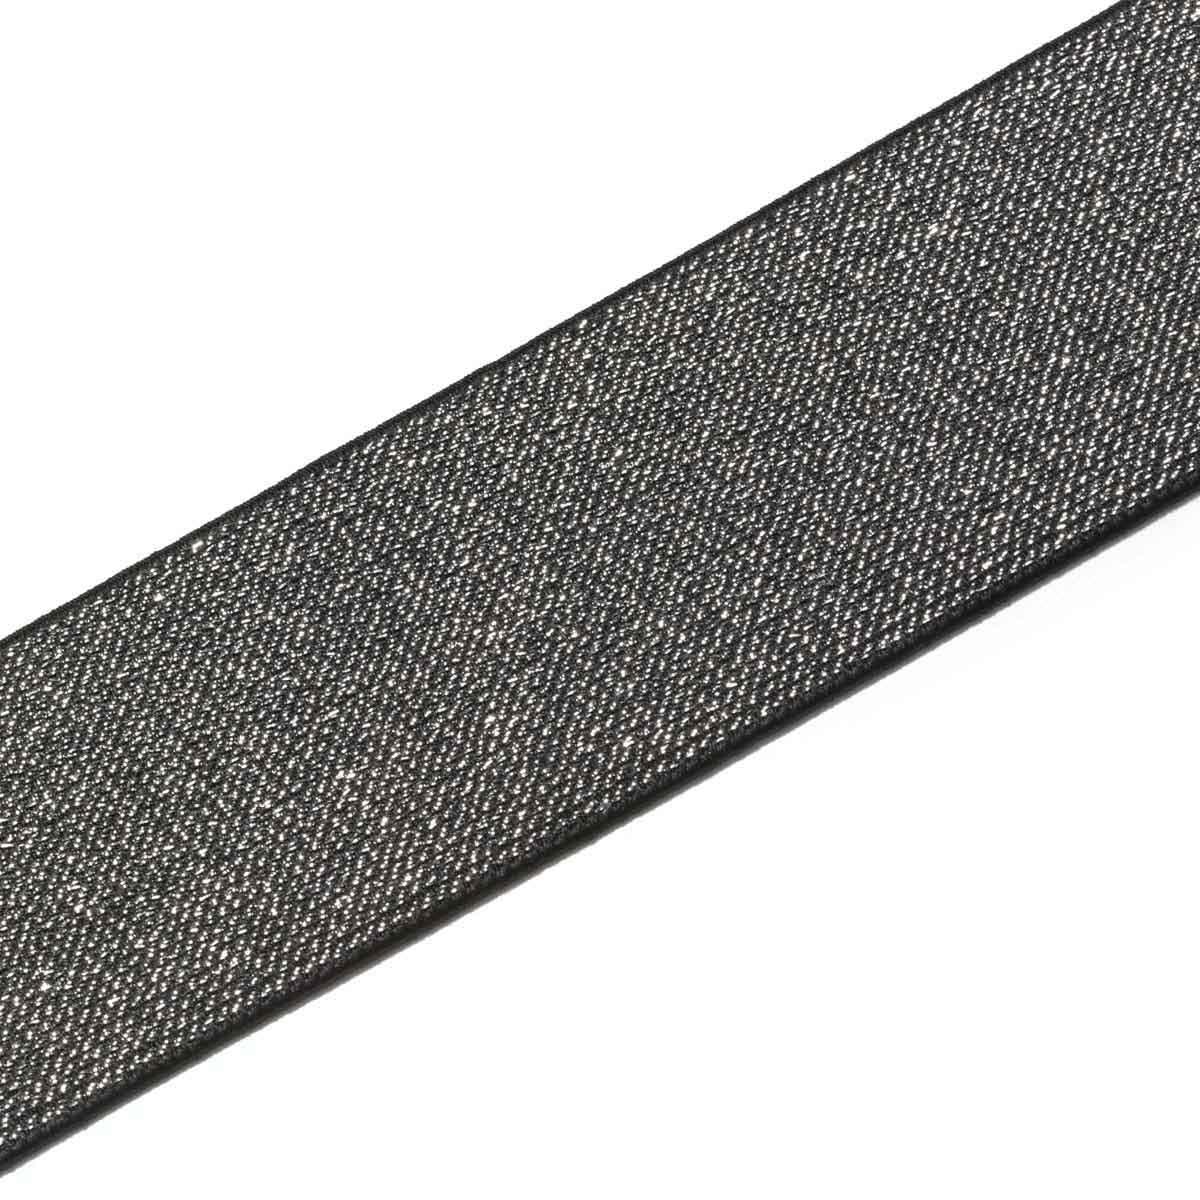 957467 Эластичная лента Color 50мм*7м, чер./сереб, Prym